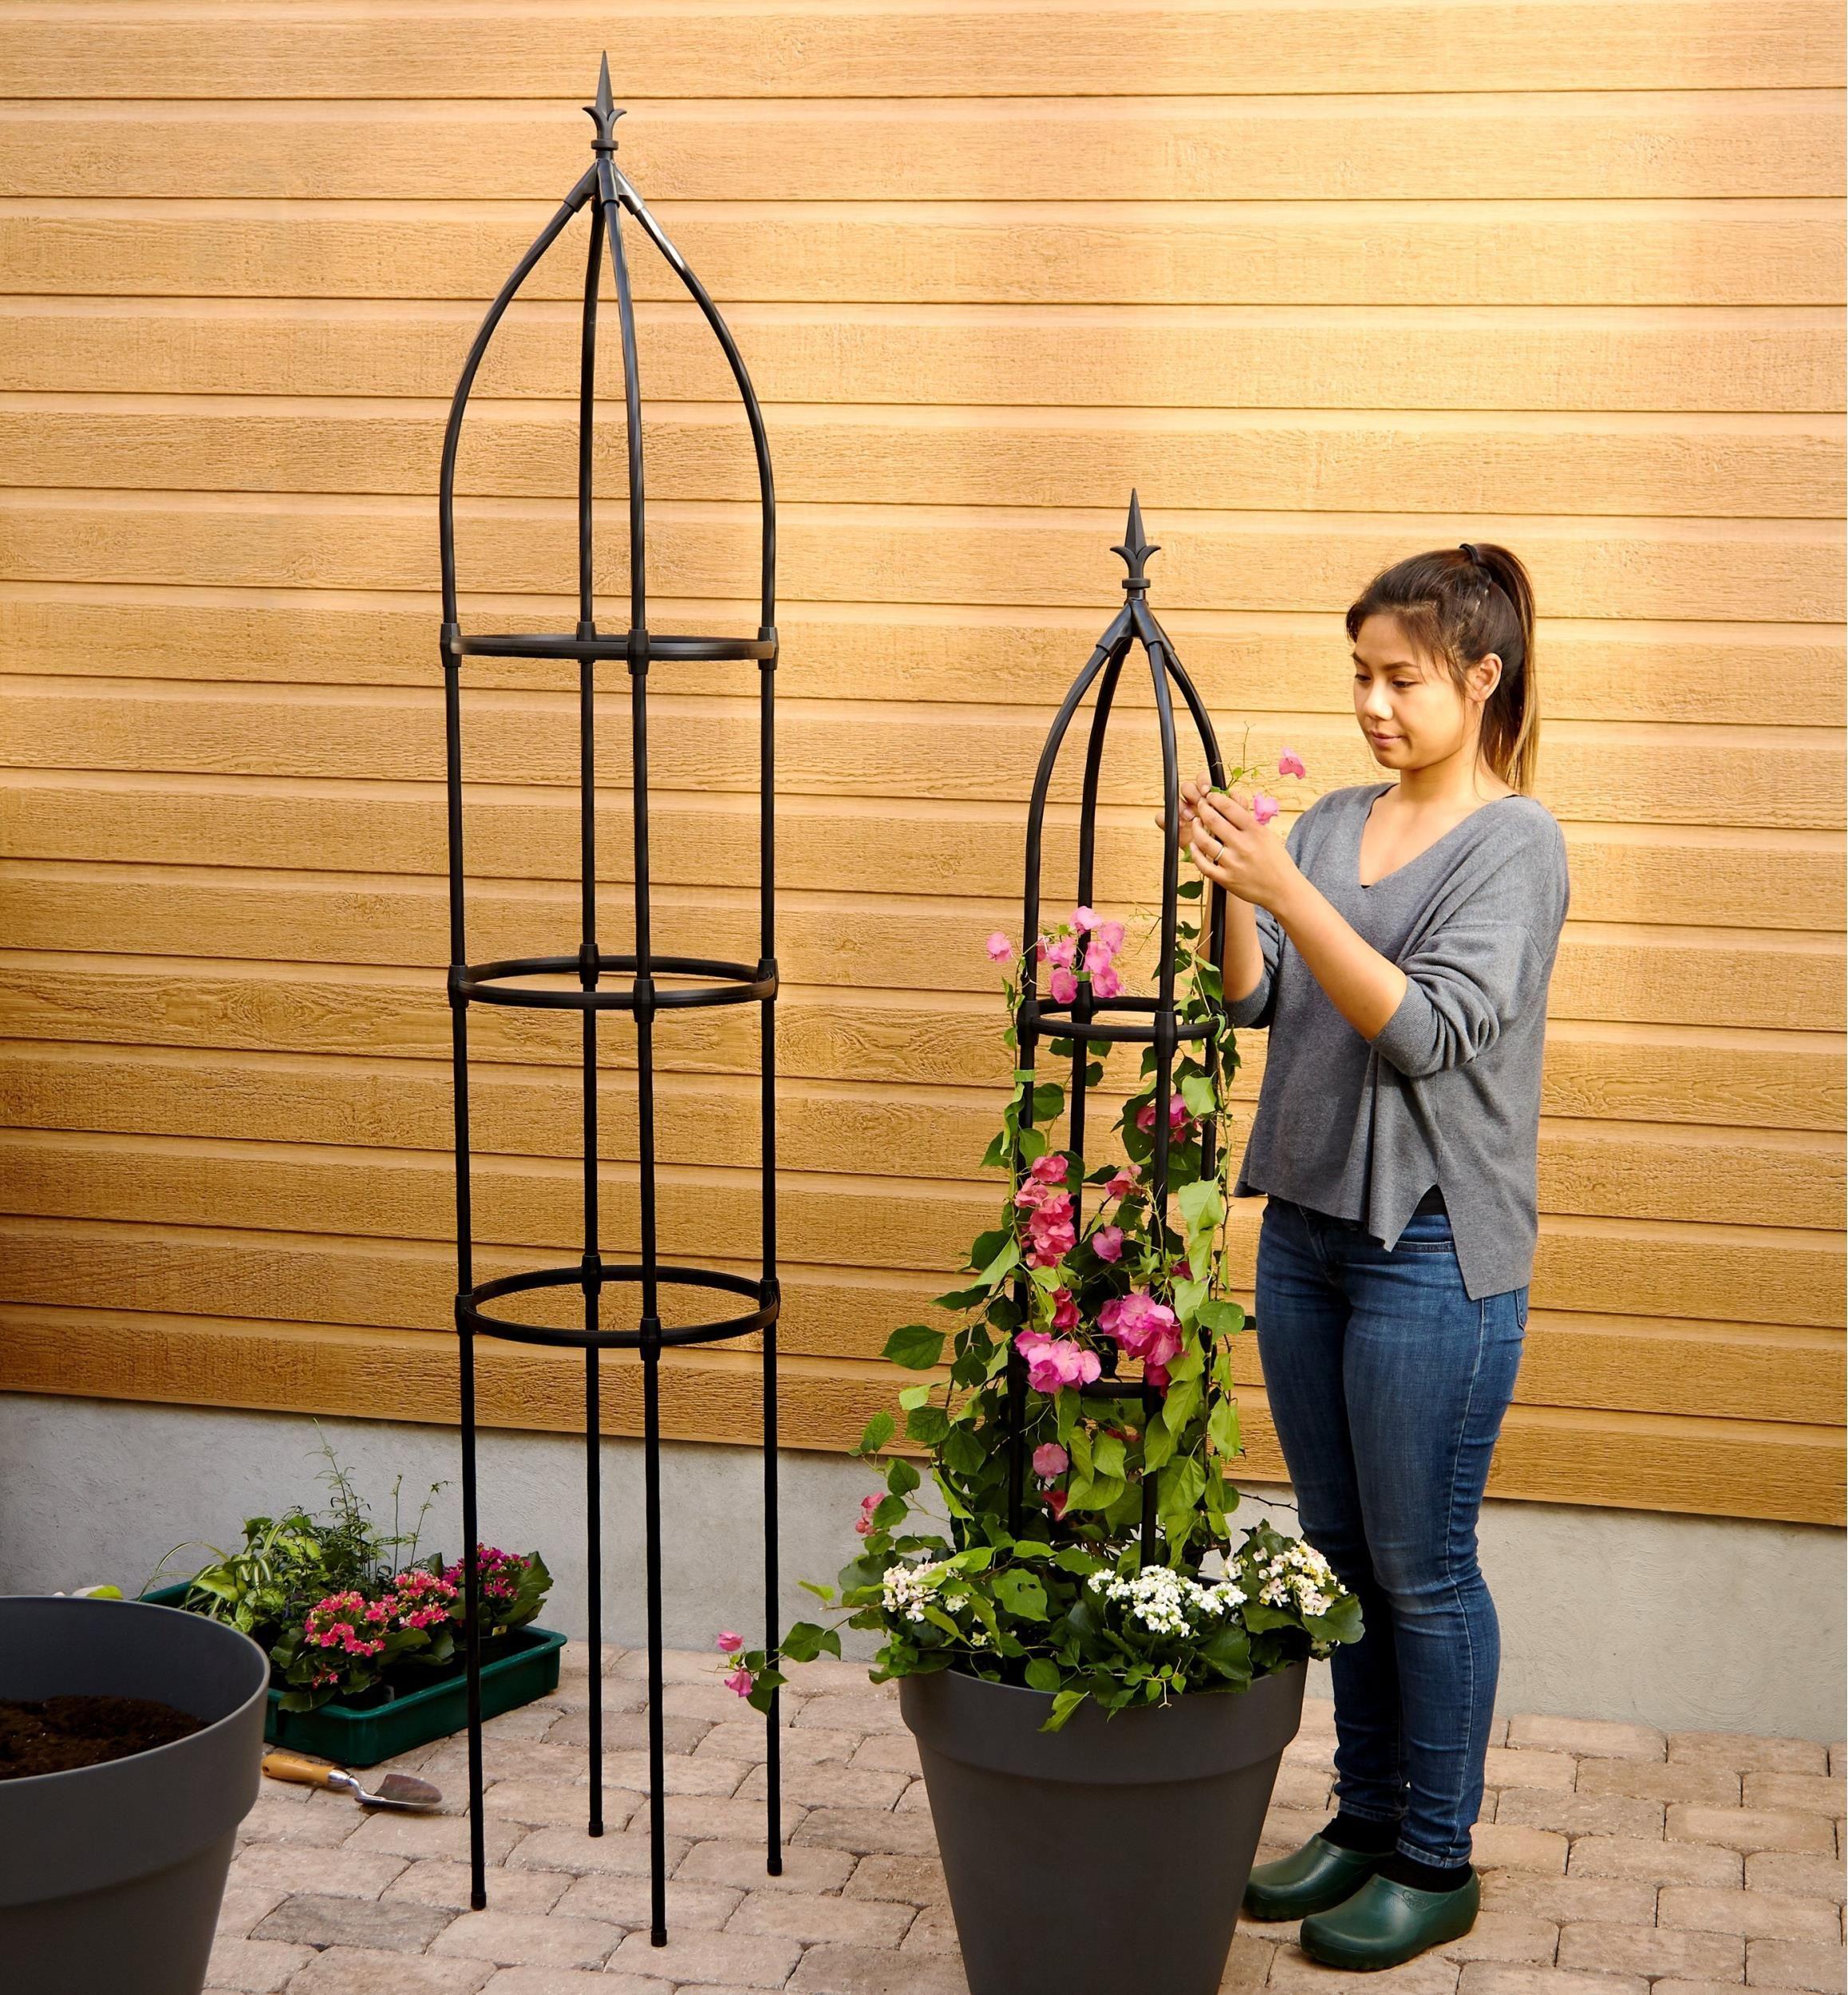 Garden Obelisks Lee Valley Tools In 2020 Garden Obelisk Obelisk Trellis Climbing Plants